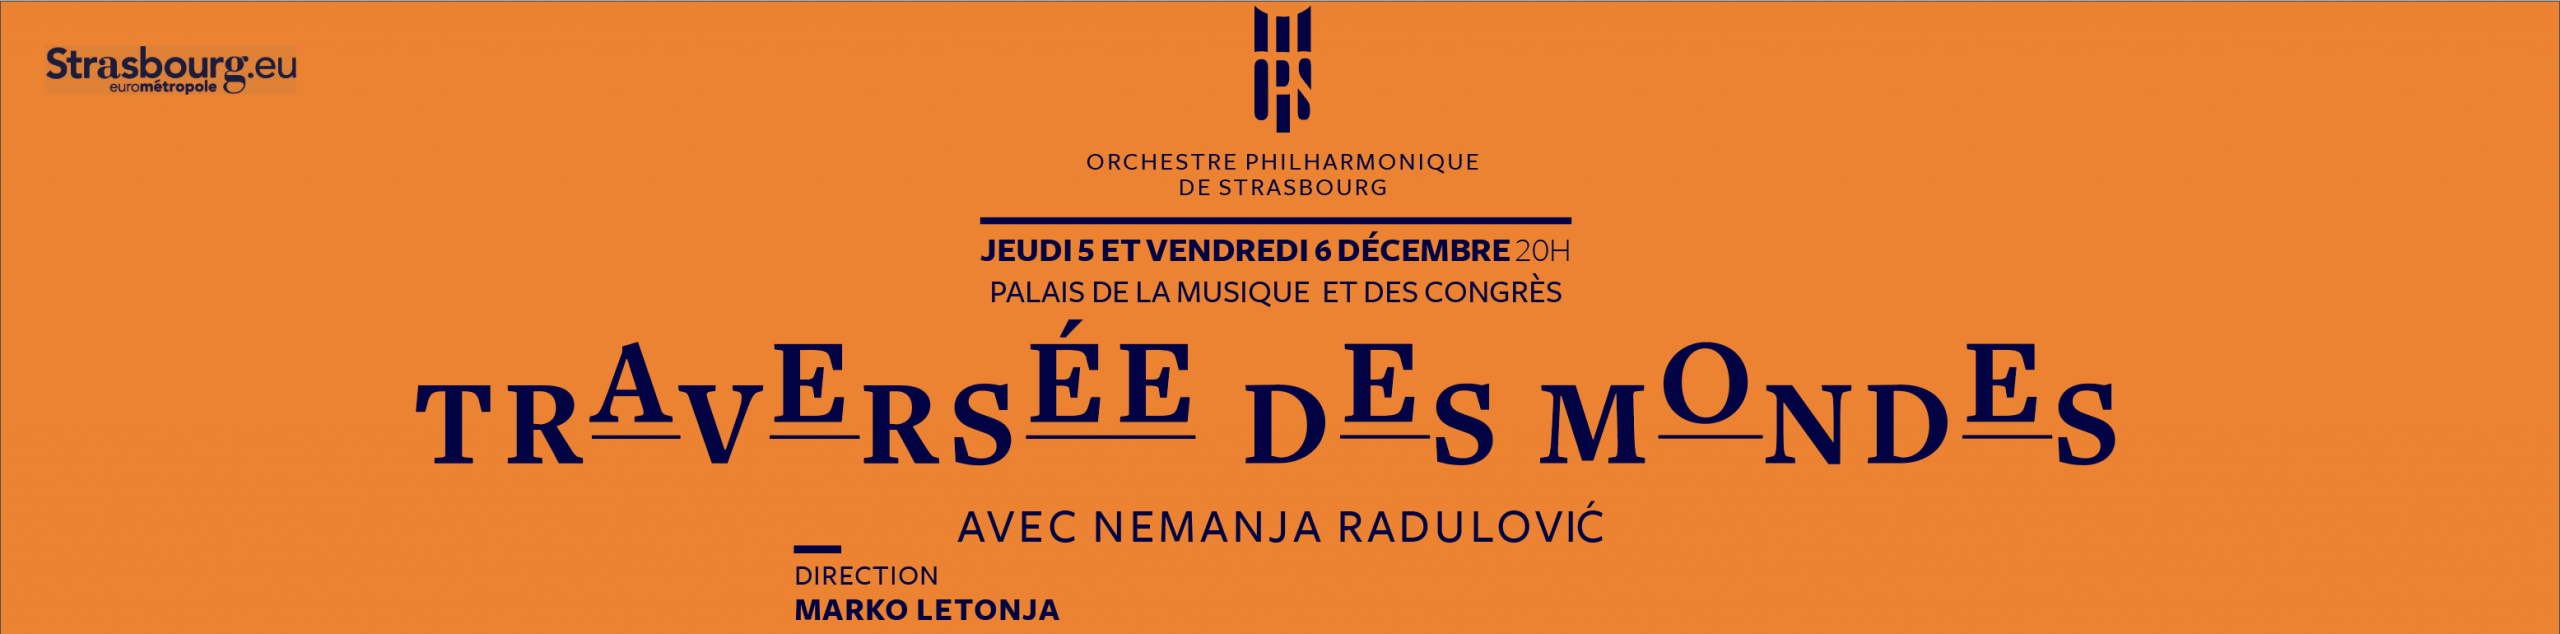 Orchestre philharmonique de Strasbourg OPS Saison 2019-2020 Traversée des mondes avec Nemanja Radulović szenik